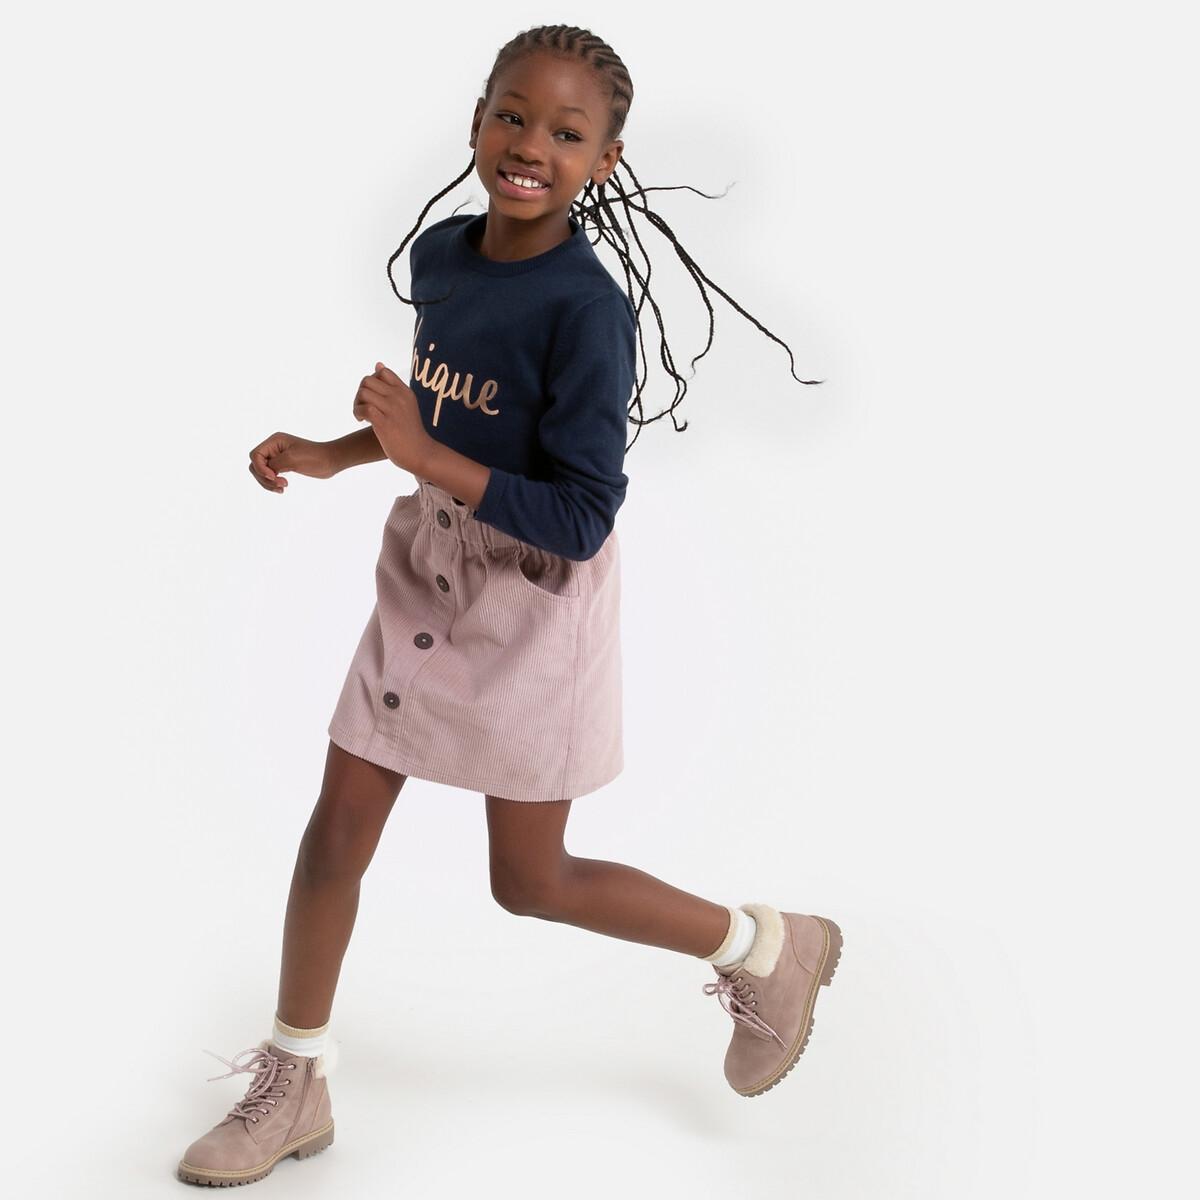 Фото - Юбка LaRedoute Прямая из велюра 3-12 лет 10 лет - 138 см розовый юбка laredoute прямая из легкого денима 3 12 лет 3 года 94 см синий